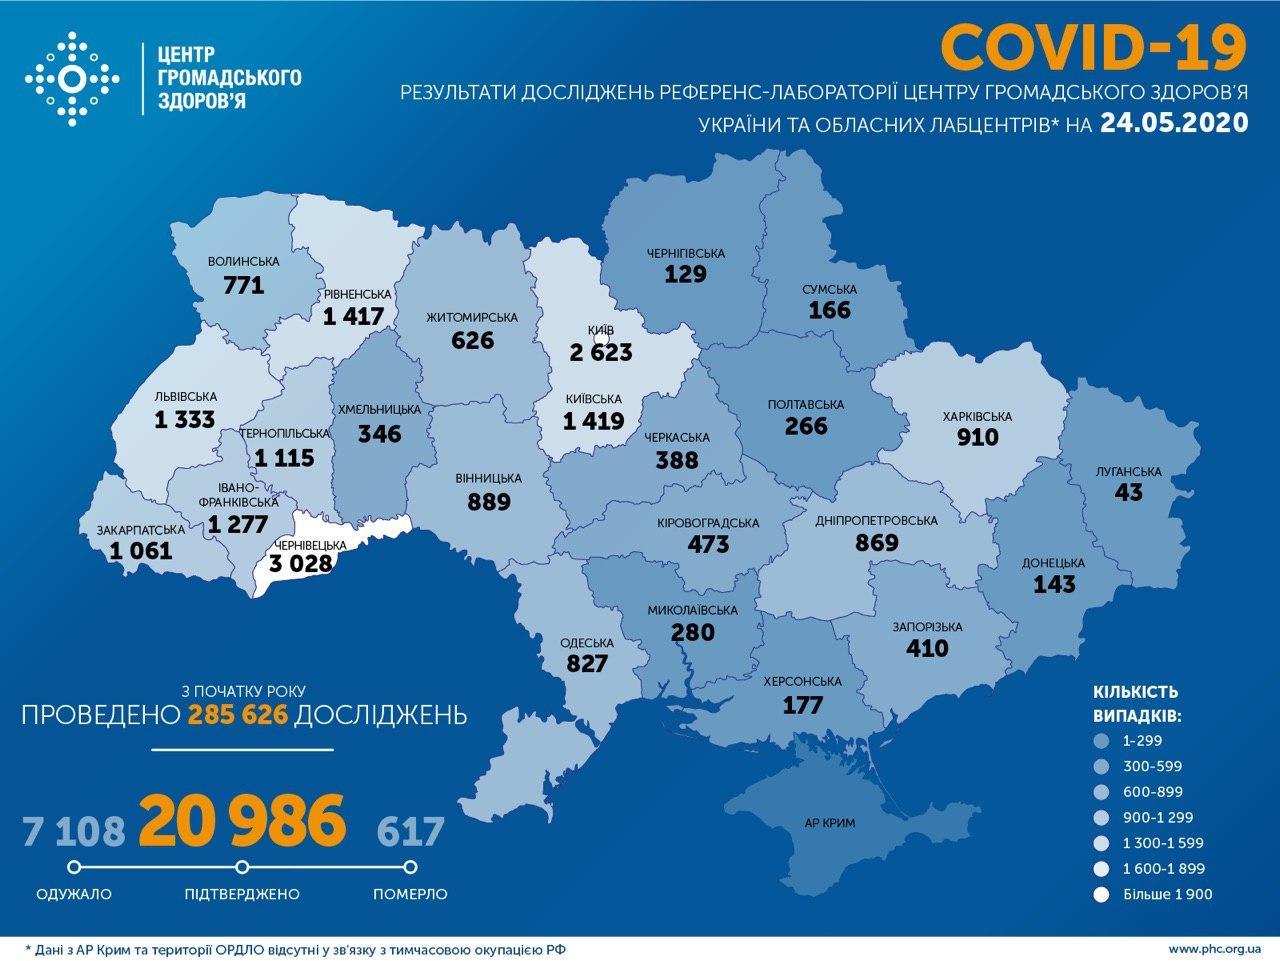 За добу в Україні виявили 406 нових випадків COVID-19, з початку епідемії – 20986